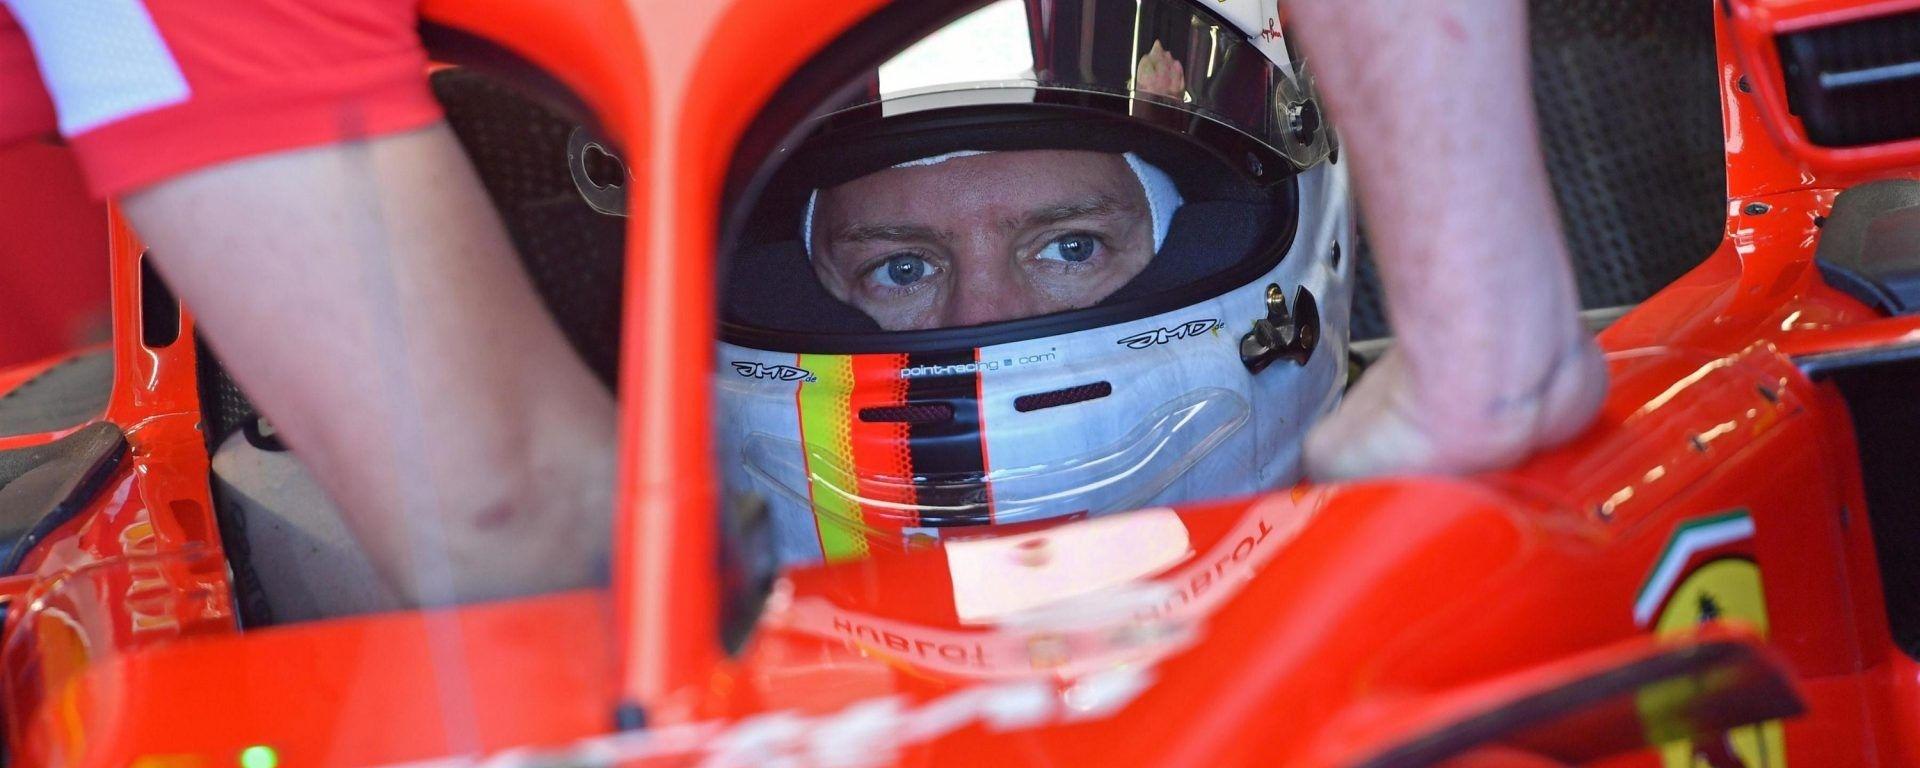 Qualifiche, le parole dei protagonisti: Hamilton, Vettel, Raikkonen